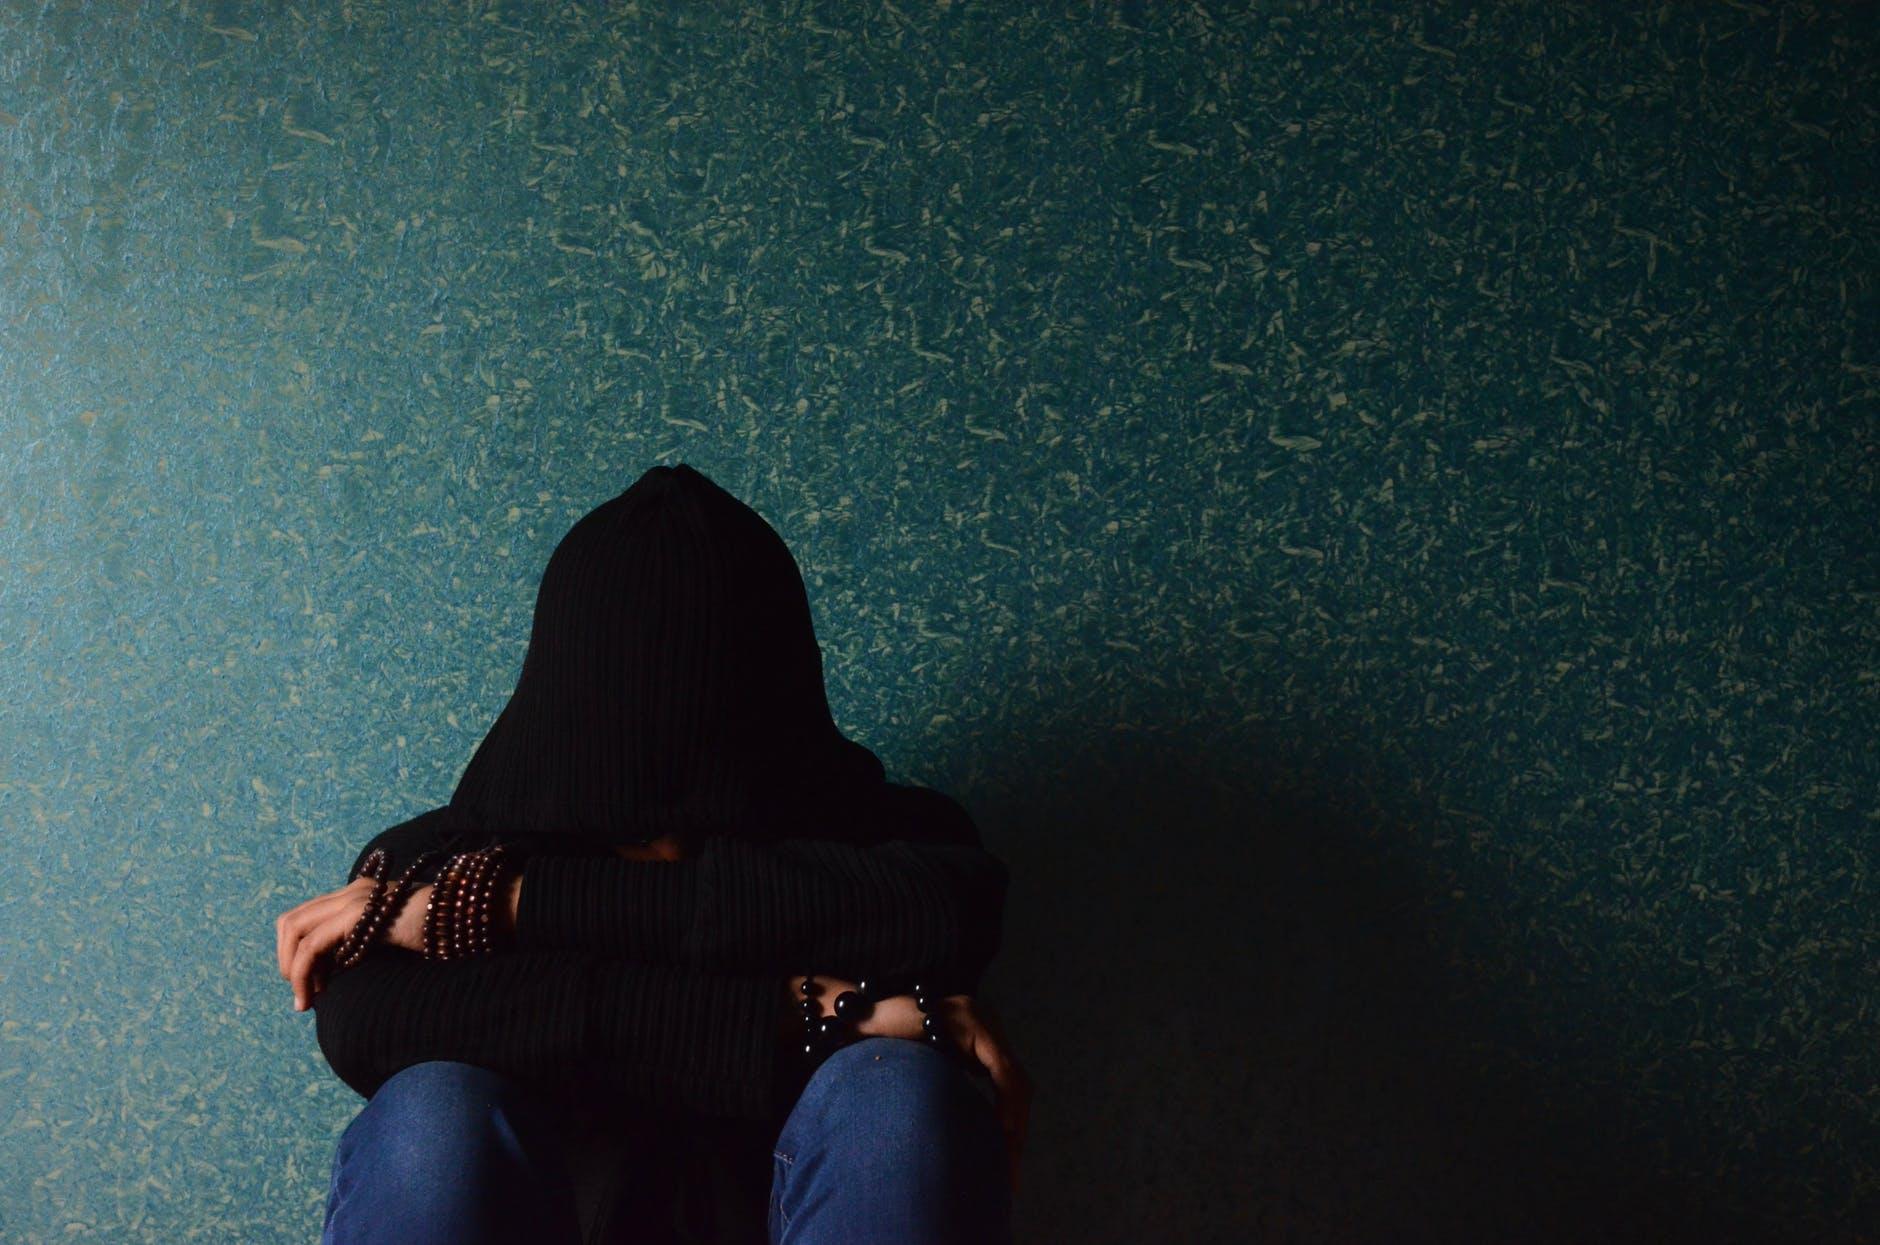 Los Servicios Sociales del Ayuntamiento de Ponferrada atienden a más de 600 personas para atenuar los efectos del confinamiento domiciliario 1